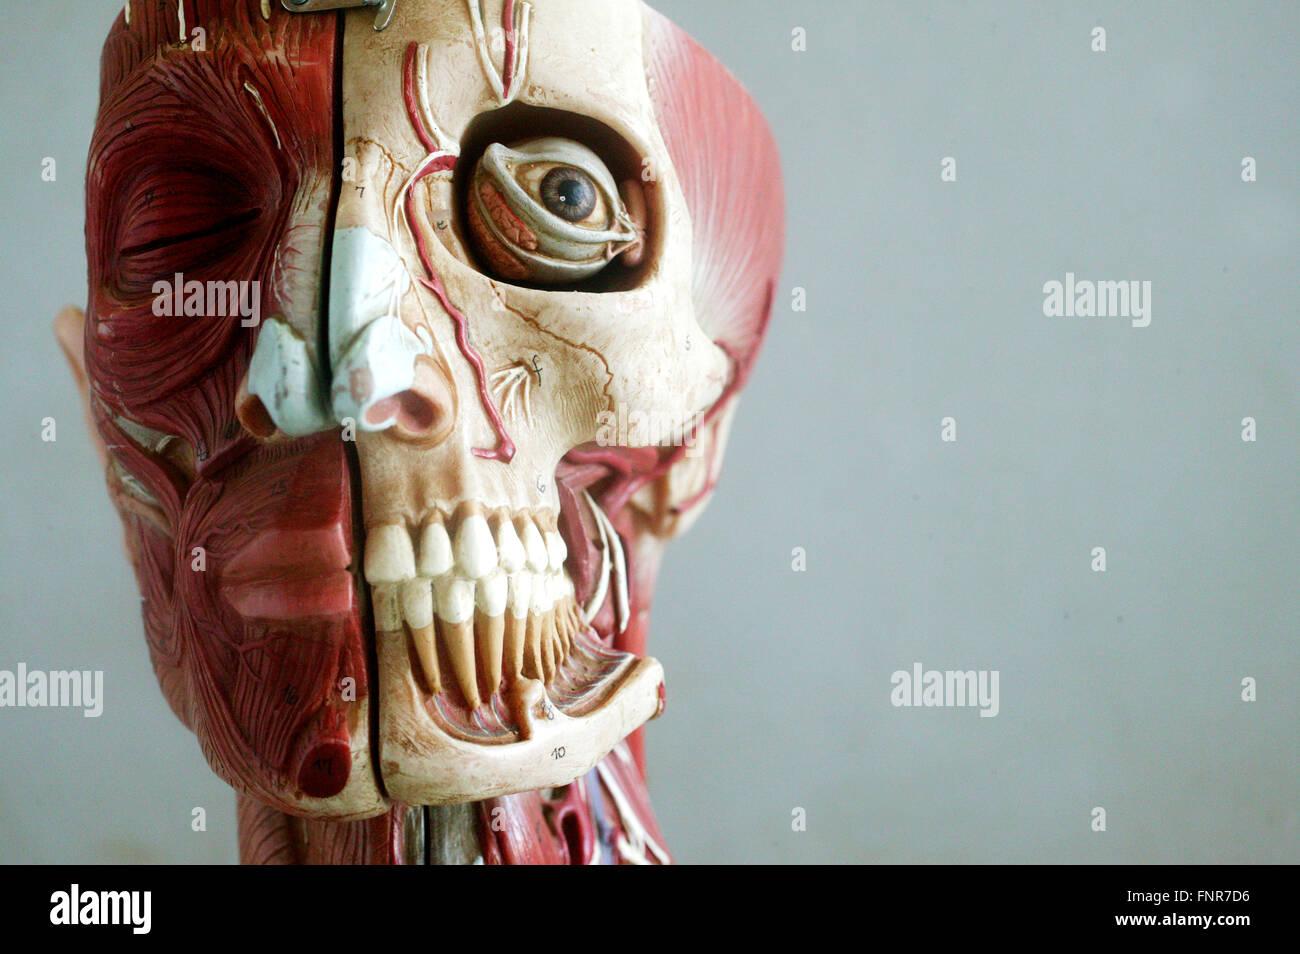 Modelo anatómico mostrando las estructuras musculares y óseas de la cara. Imagen De Stock